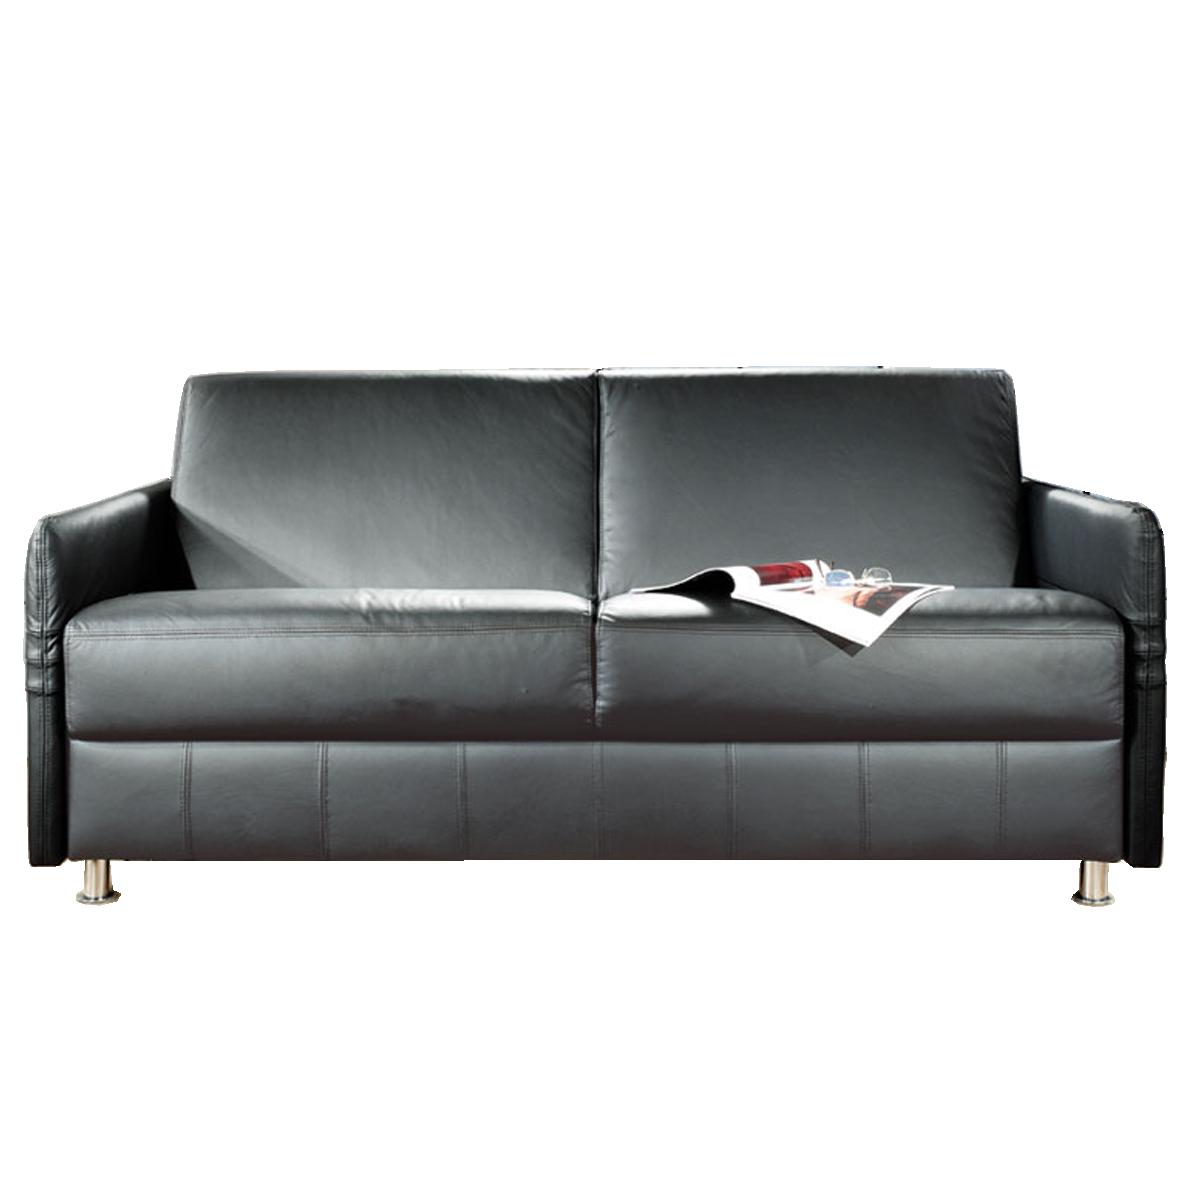 Full Size of Schlaf Sofa Bali Schlafsofa Messina Merina Mit Liegeflche Im Klassischen Design Auf Raten 3 Sitzer Relaxfunktion Schranksysteme Schlafzimmer Big Schlaffunktion Sofa Schlaf Sofa